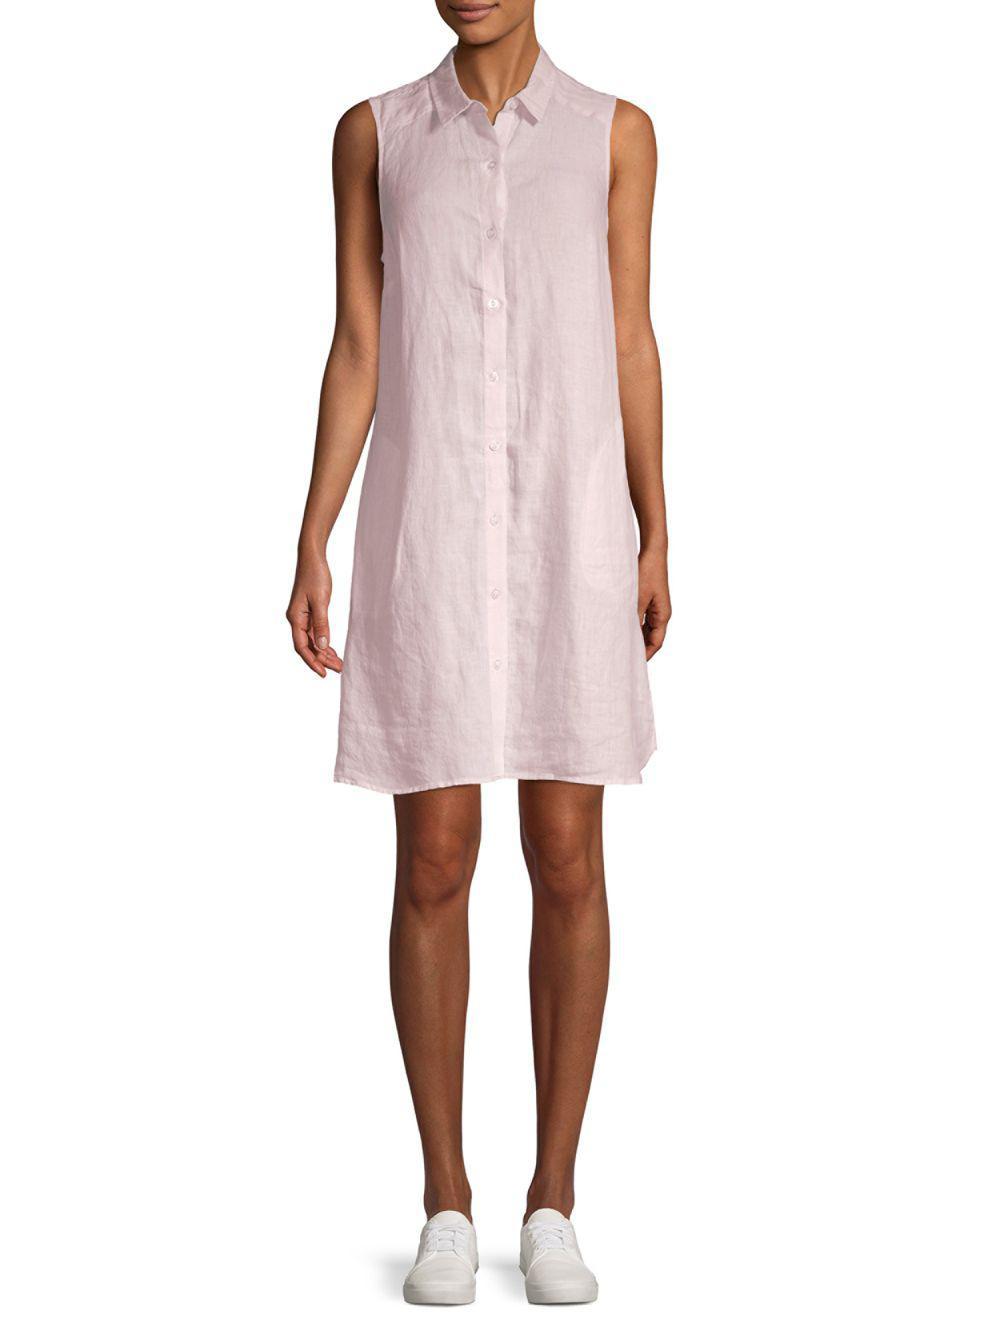 75fce55177 Lyst - Saks Fifth Avenue Sleeveless Linen Shirt Dress in Pink